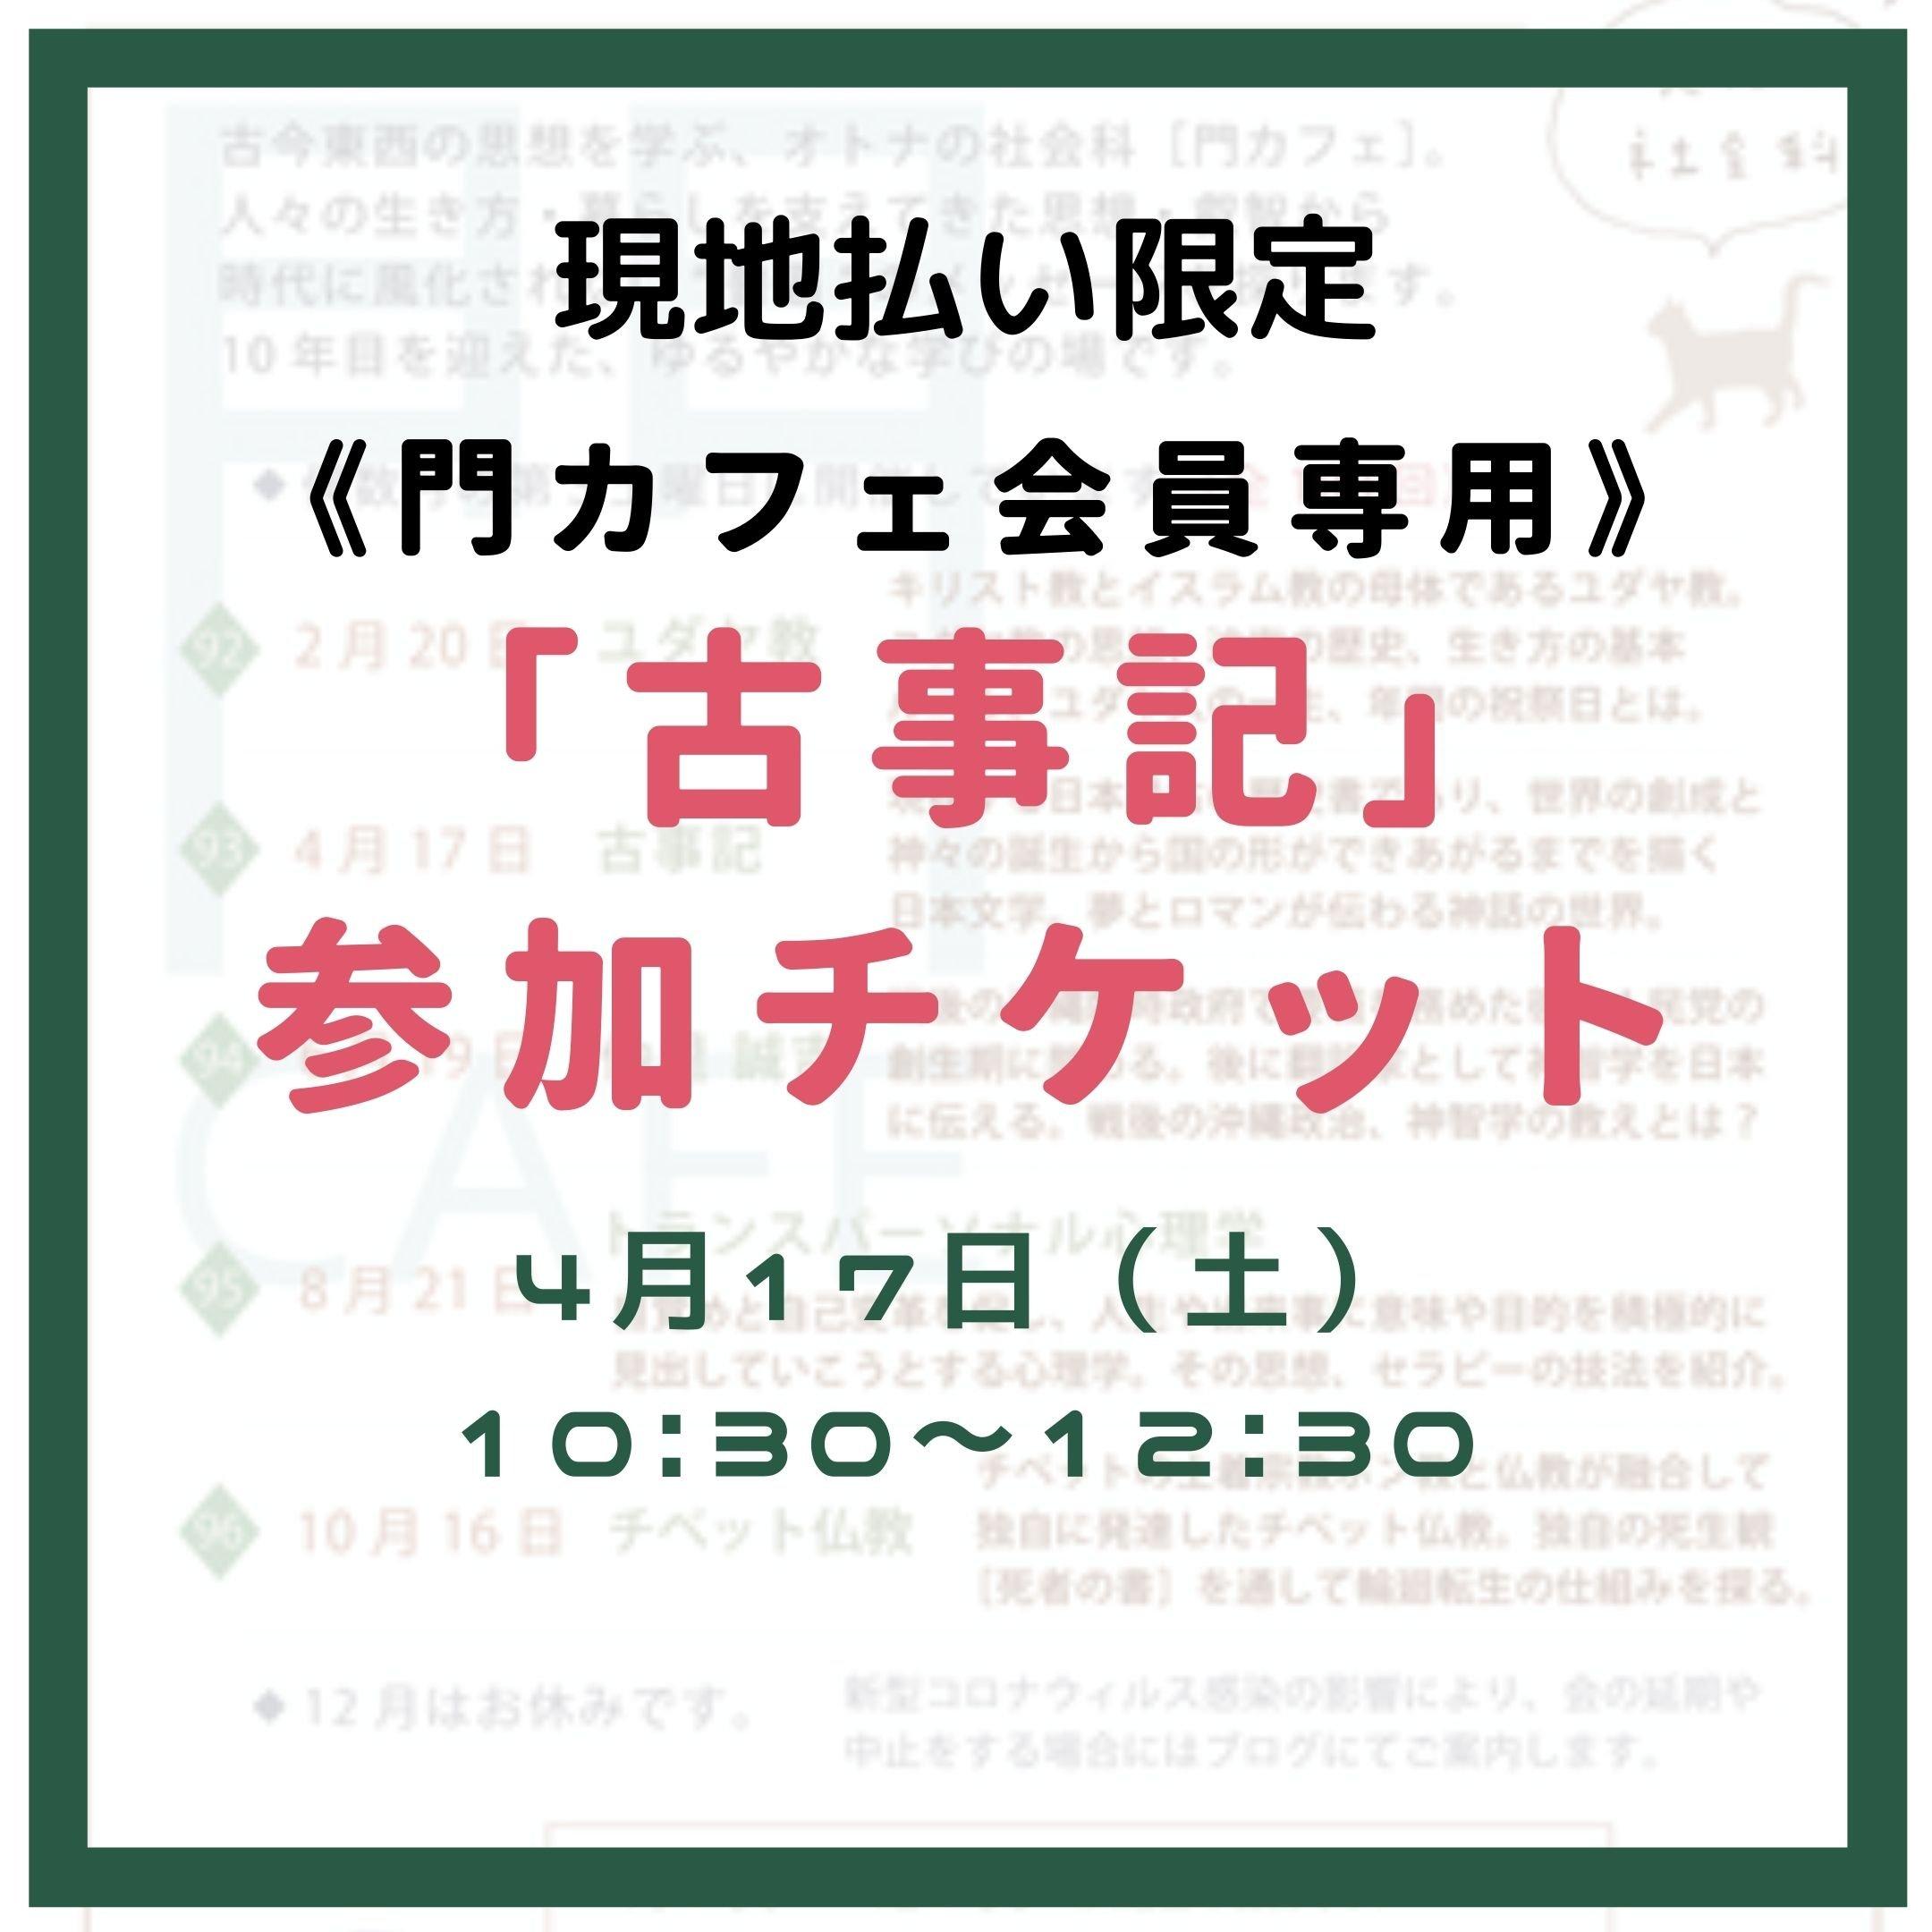 《門カフェ会員専用》4月17日「古事記」参加チケット【現地払い限定】のイメージその1